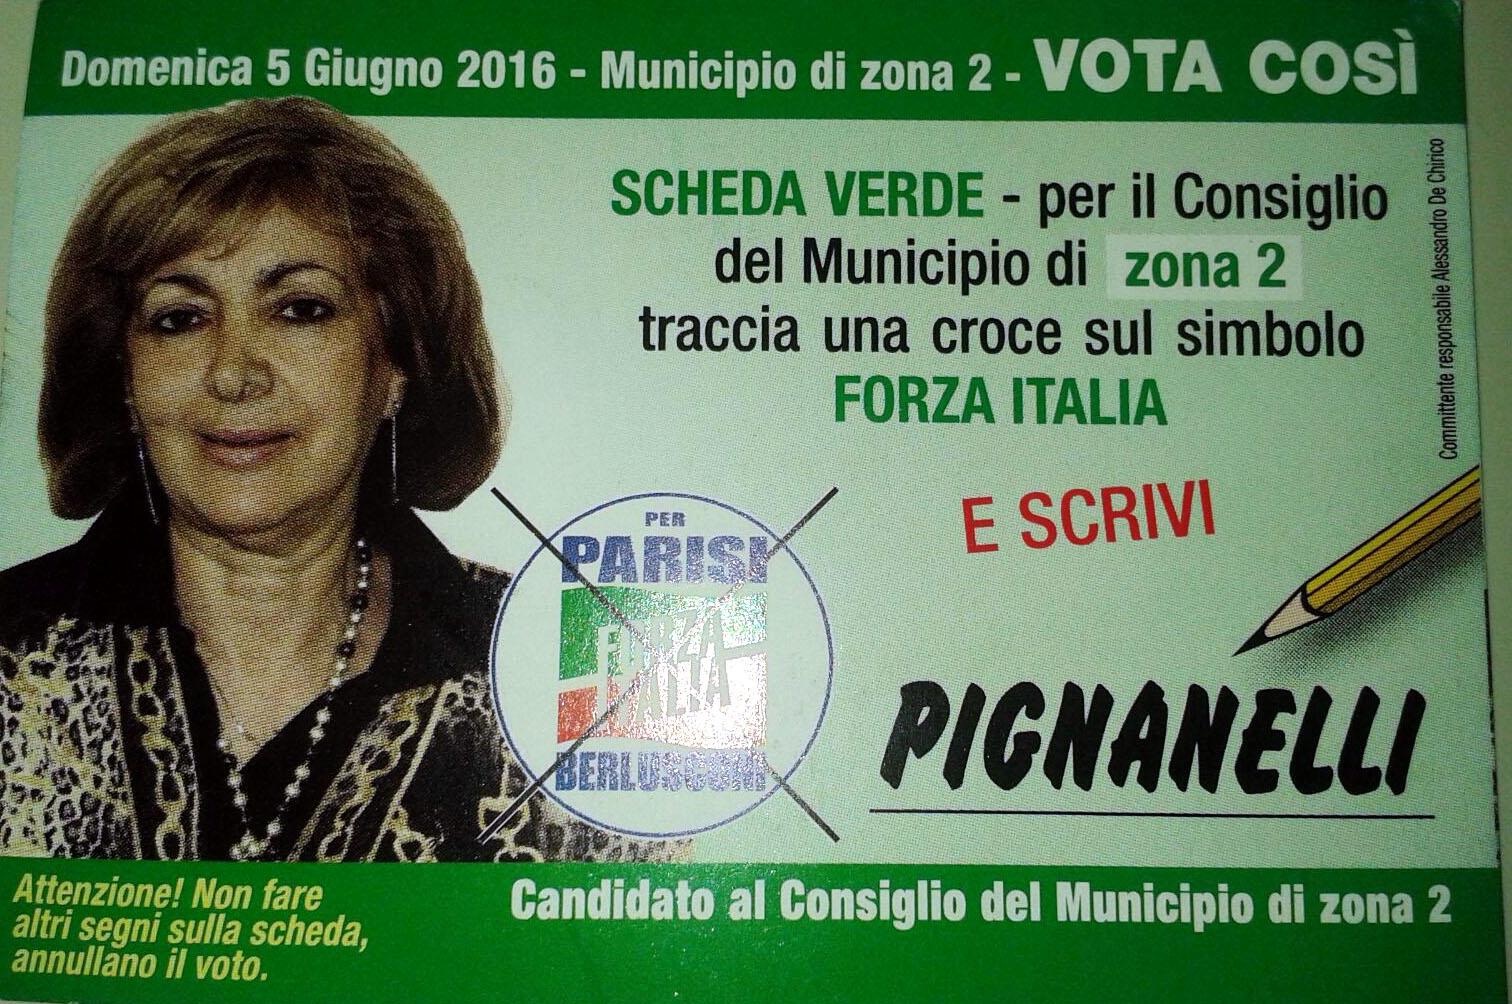 Pignanelli2